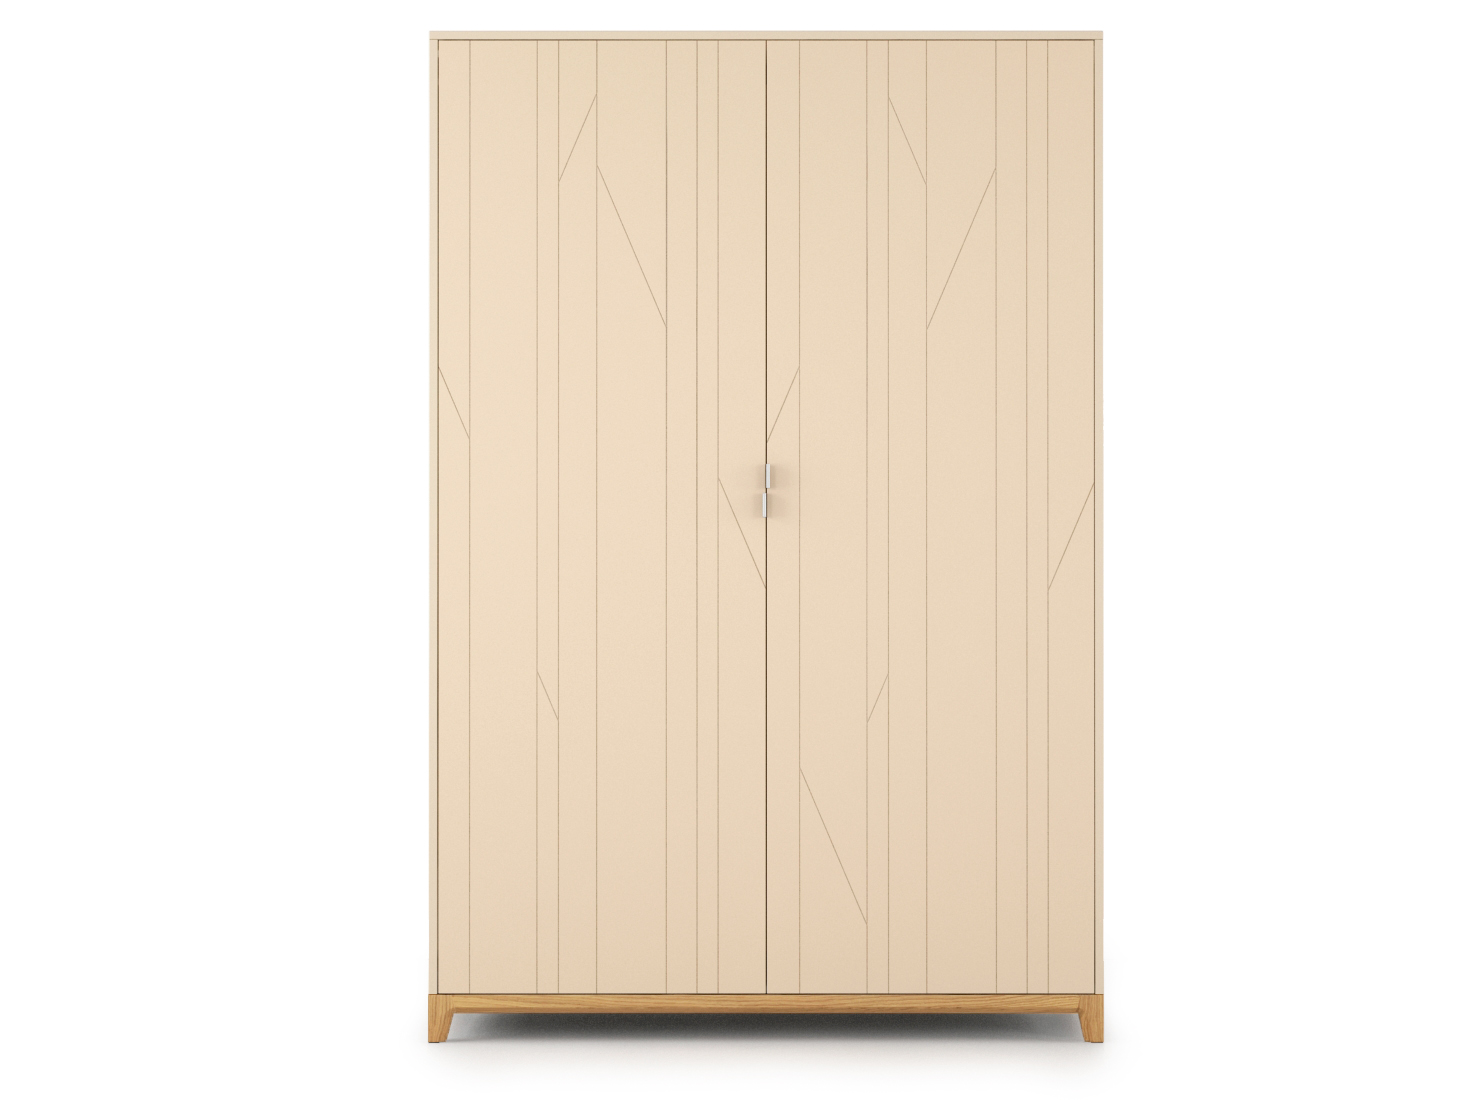 Шкаф CASEПлатяные шкафы<br>&amp;lt;div&amp;gt;Вместительный, прочный и удобный шкаф CASE сочетает в себе продуманную структуру и современный дизайн.&amp;amp;nbsp;&amp;lt;/div&amp;gt;&amp;lt;div&amp;gt;Внутри шкафа комфортно расположены полки, выдвижные ящики и штанги для вешалок.&amp;lt;/div&amp;gt;&amp;lt;div&amp;gt;Благодаря отсутствию в конструкции лишних элементов и сбалансированной форме шкаф не выглядит массивным, а фасады с объемной фрезеровкой завершают его образ.&amp;amp;nbsp;&amp;lt;/div&amp;gt;&amp;lt;div&amp;gt;Шкаф CASE рассчитан на комфортное использование для одного или двух человек.&amp;lt;/div&amp;gt;&amp;lt;div&amp;gt;&amp;lt;br&amp;gt;&amp;lt;/div&amp;gt;&amp;lt;div&amp;gt;Основание выполнено из массива дуба, а корпус – из мдф, что гарантирует прочность и экологичность изделия. Благодаря качественной фурнитуре, вместительные ящики двигаются плавно и бесшумно. А главная изюминка коллекции - это фасады с объемной фрезеровкой, цвет и дизайн которых вы можете выбрать сами.&amp;amp;nbsp;&amp;lt;/div&amp;gt;&amp;lt;div&amp;gt;Шкаф CASE доступен в 5 вариантах отделки и 15 цветах эмали.&amp;amp;nbsp;&amp;lt;/div&amp;gt;<br><br>Material: МДФ<br>Ширина см: 140<br>Высота см: 210<br>Глубина см: 60